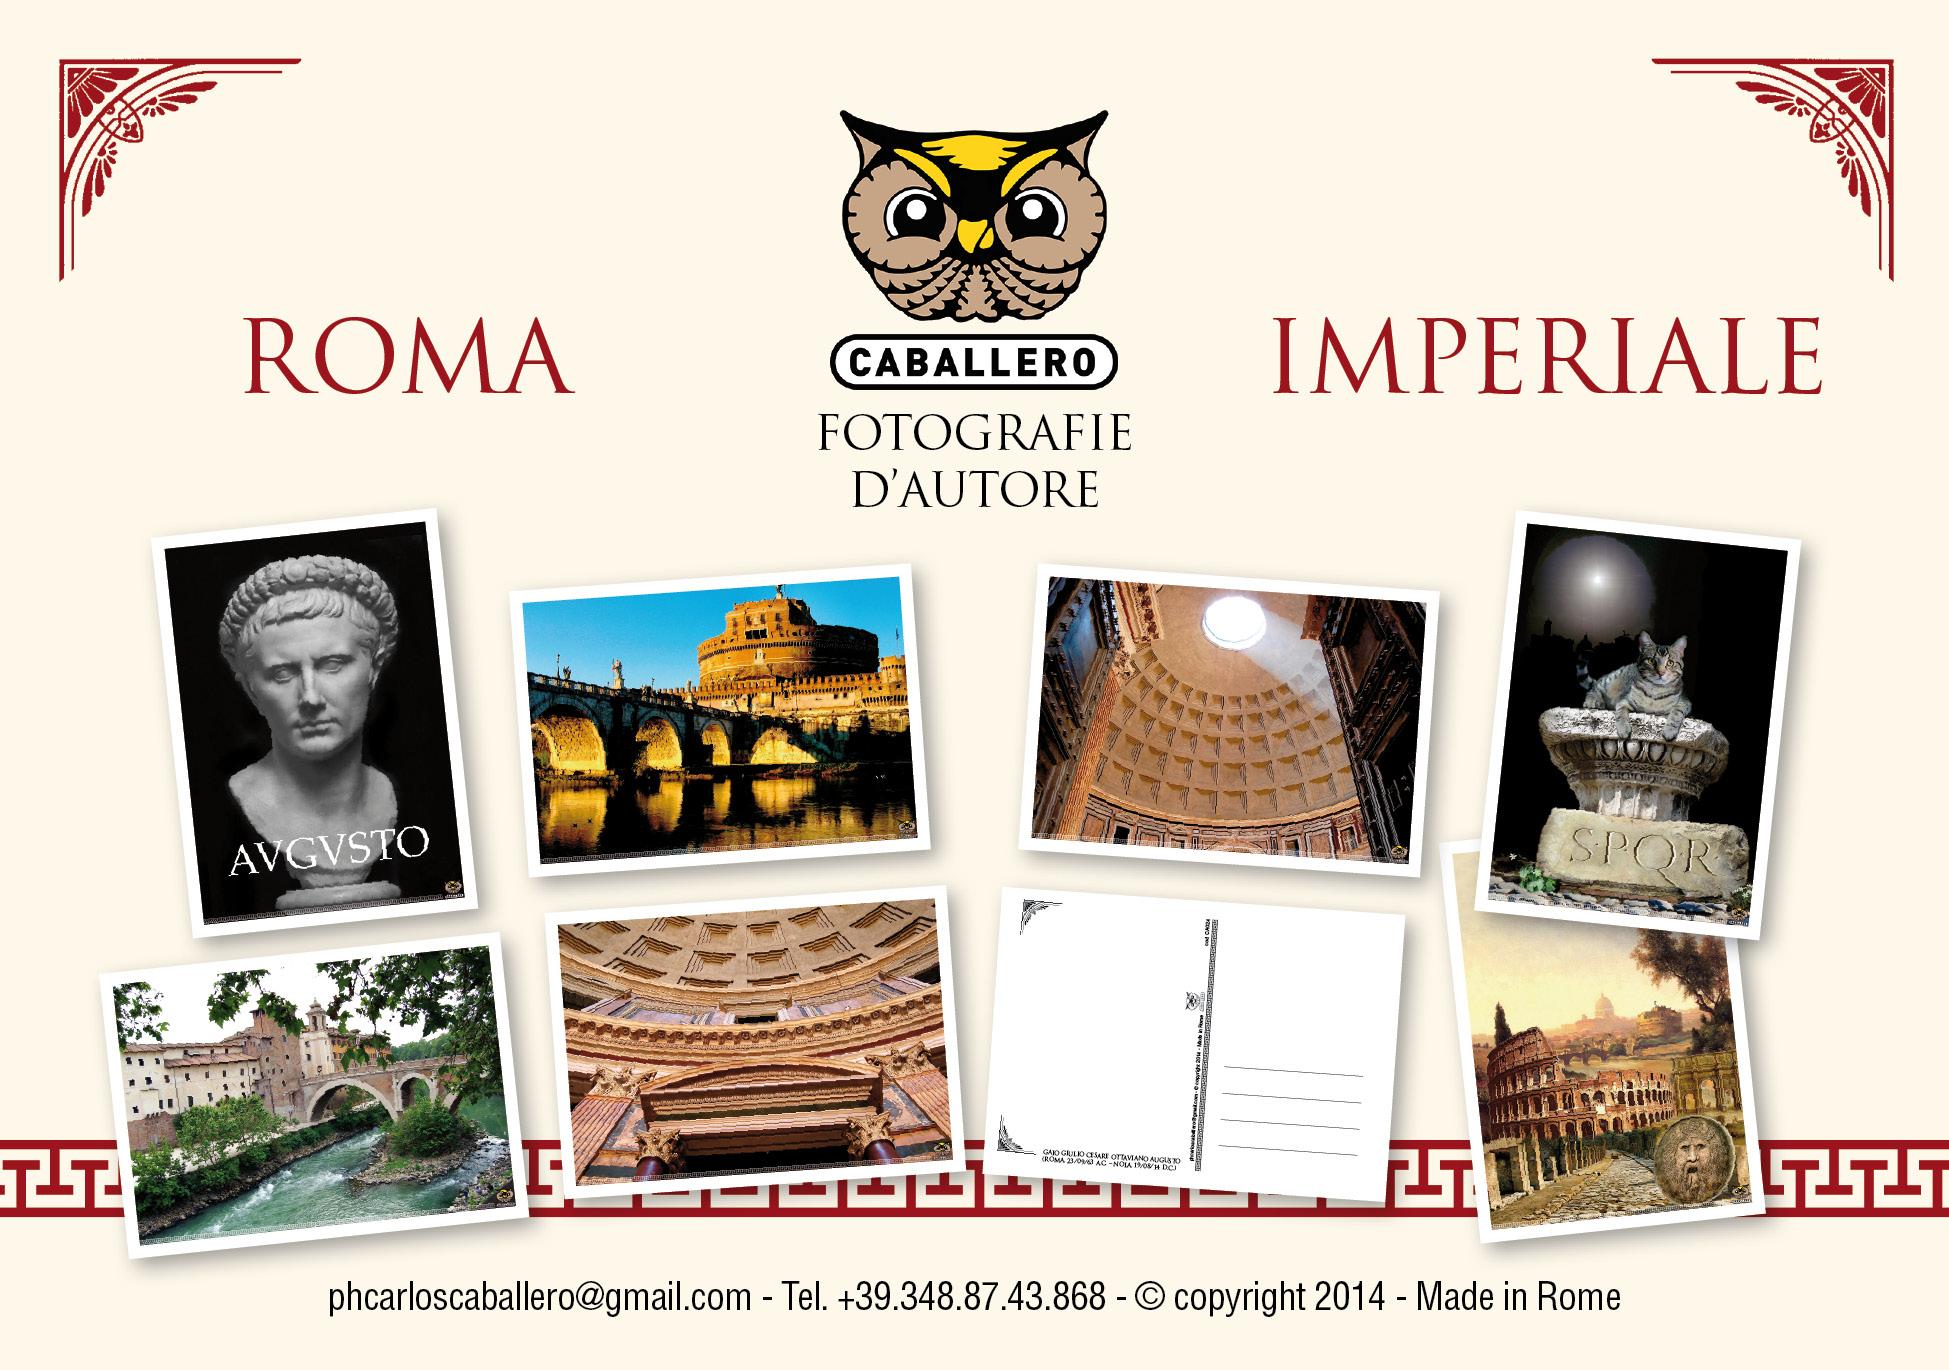 Carlos Caballeo Farfan & il Made in Rome